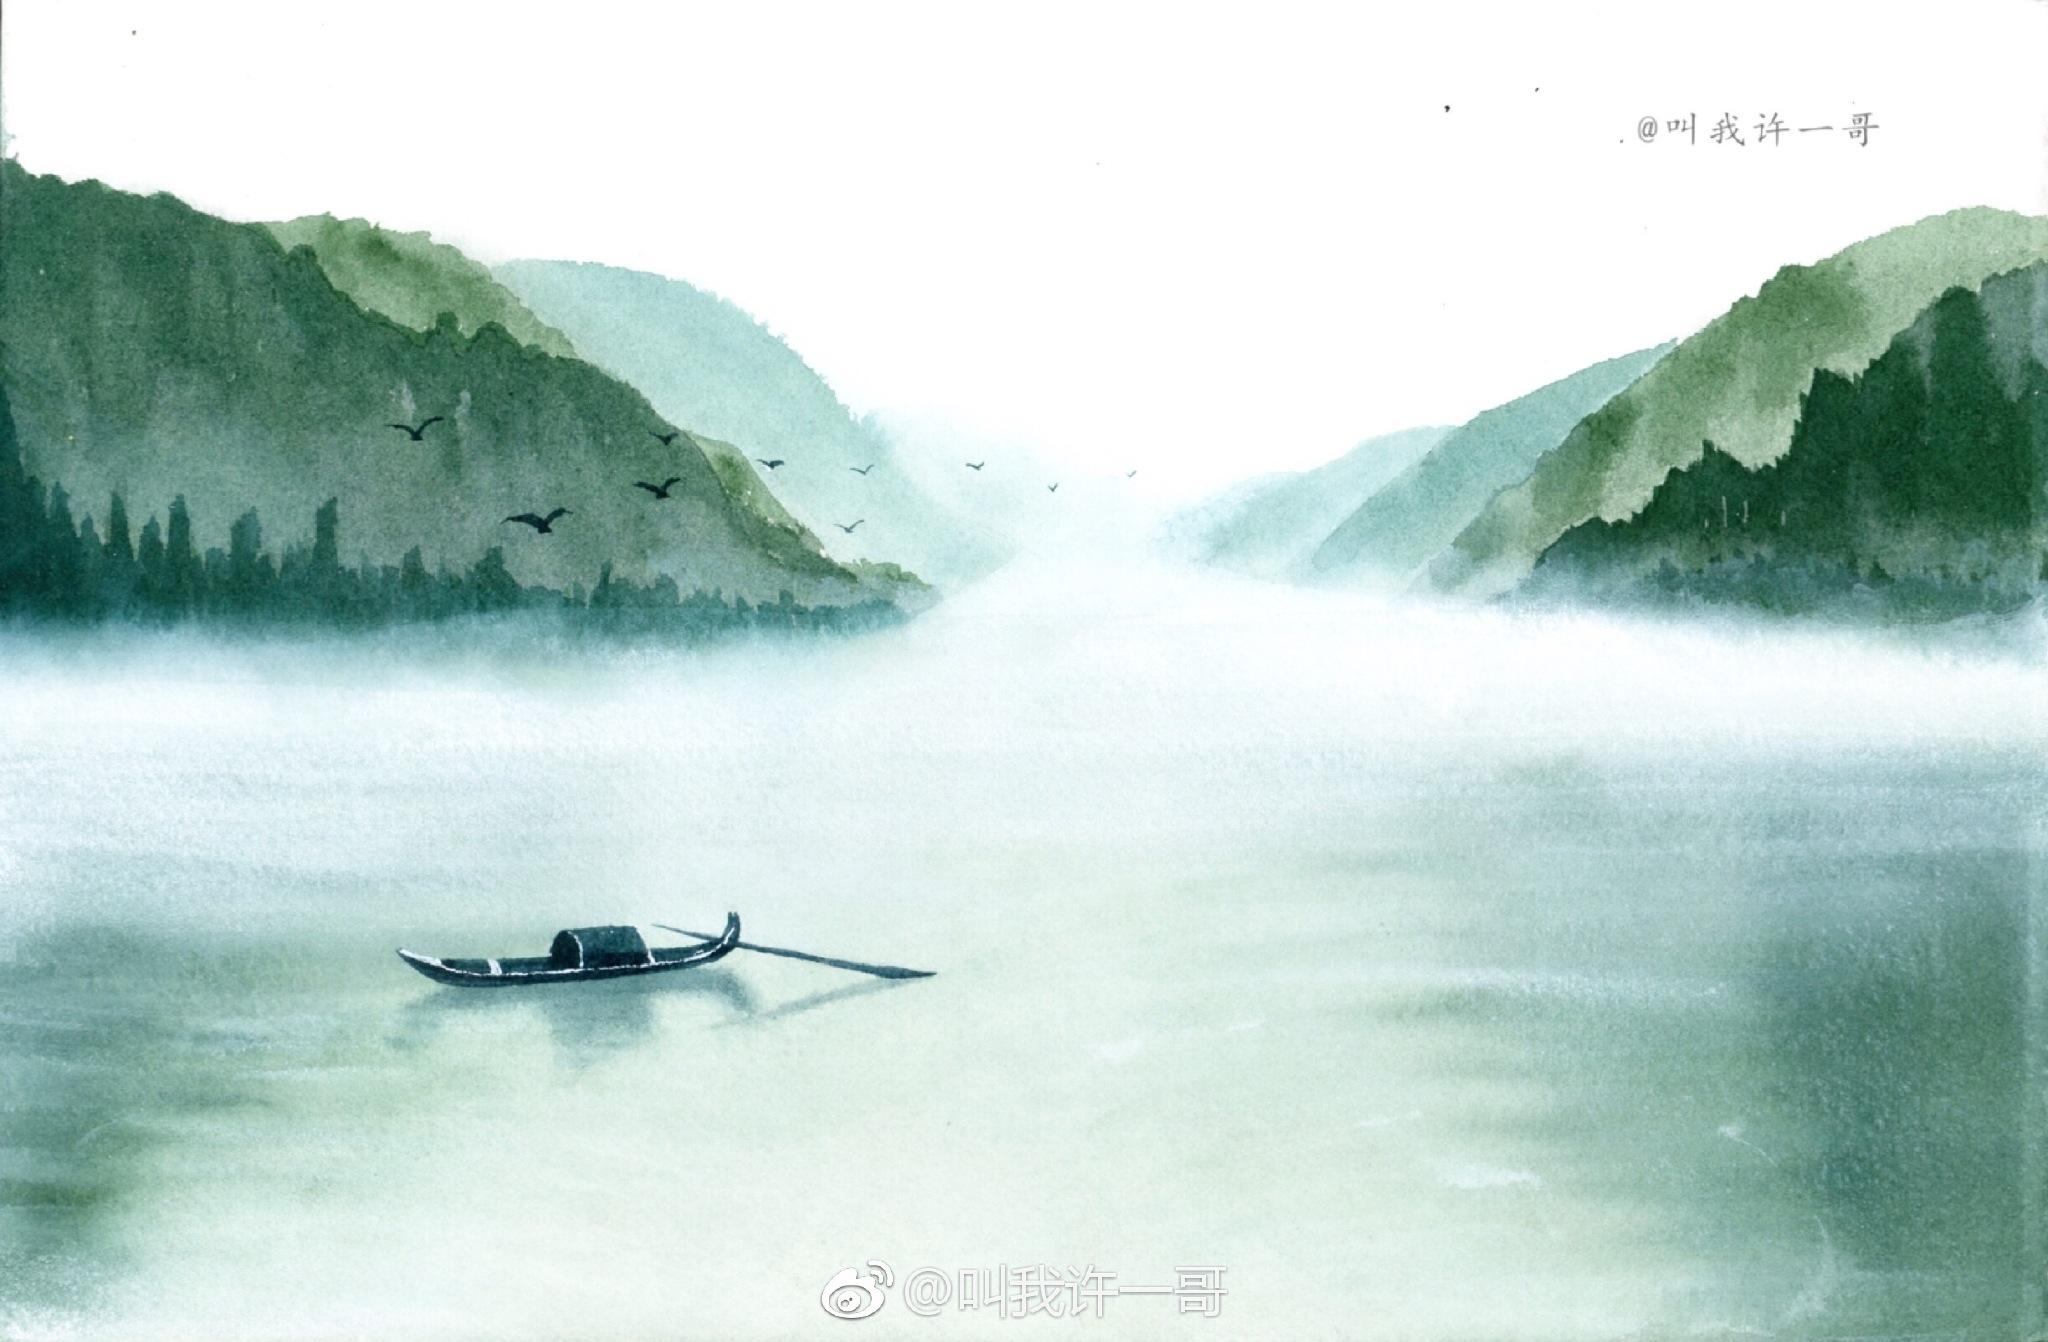 那山,这水轻纱漫舞,云蒸霞蔚水彩手绘古风山水图作者